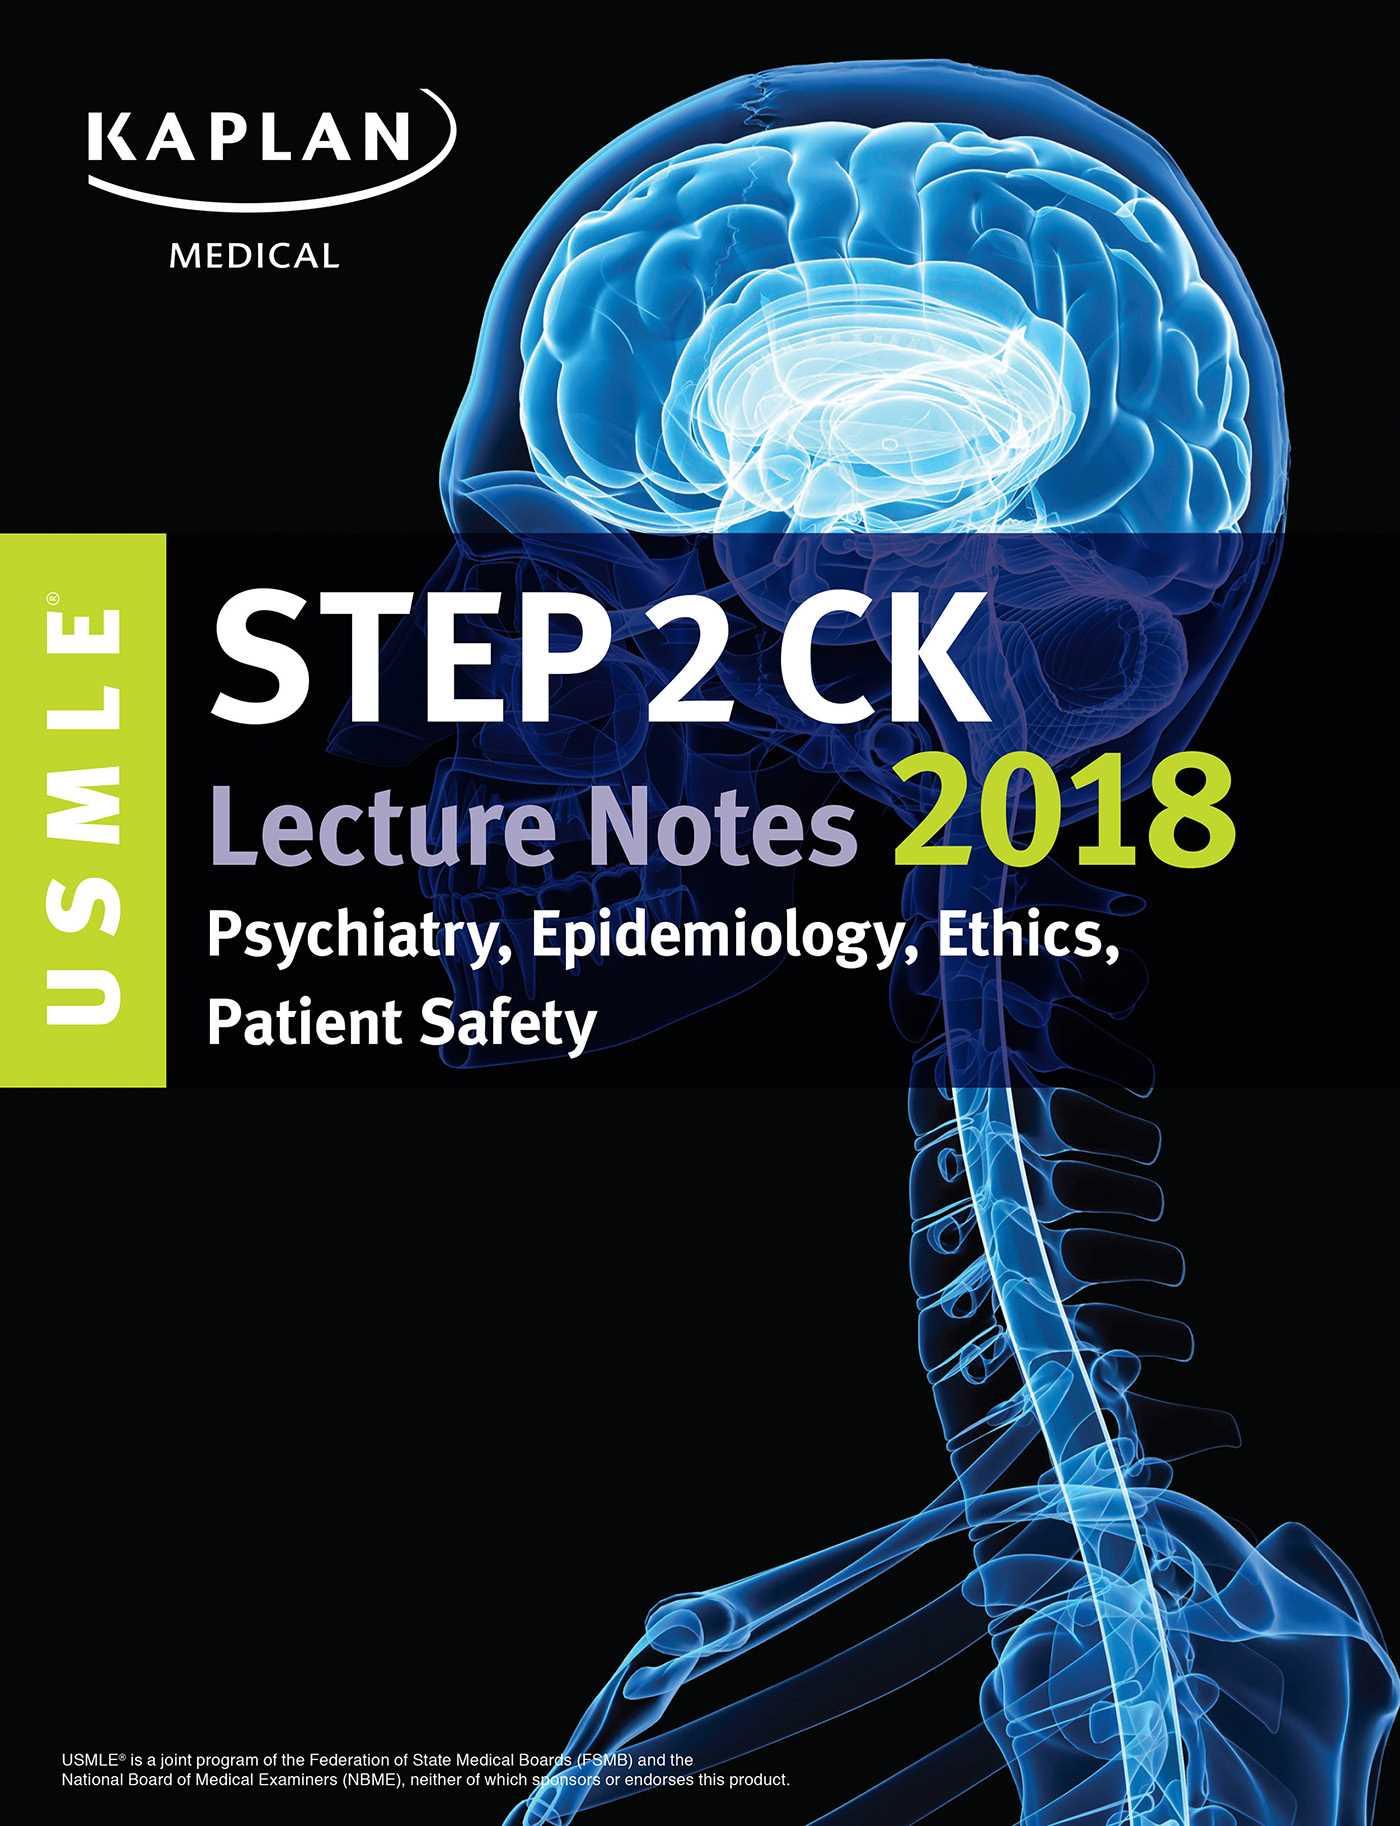 KAPLAN MEDICAL ETHICS PDF DOWNLOAD